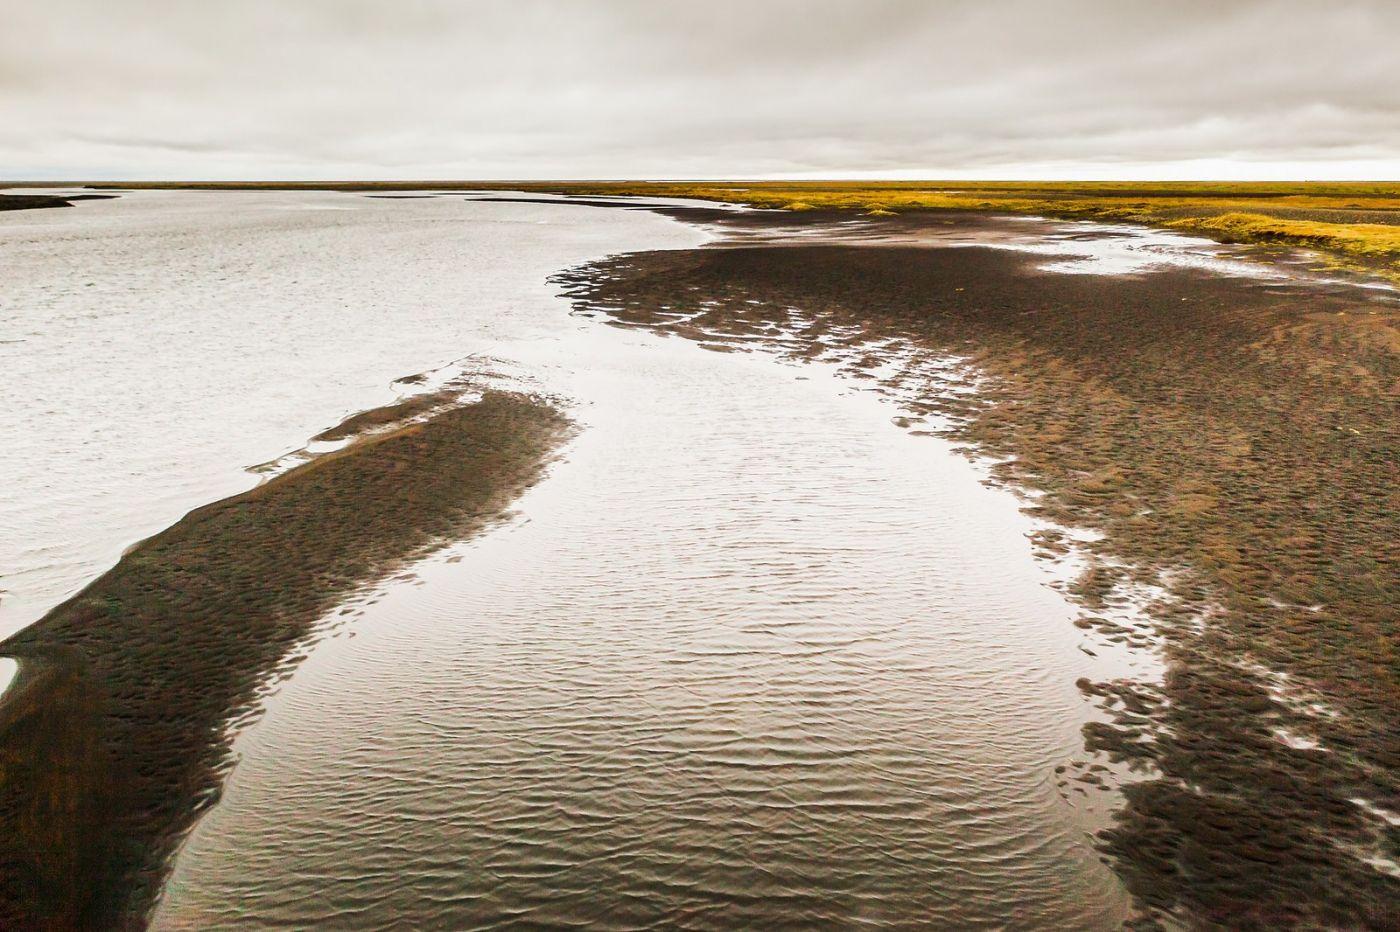 冰岛风采,那一片水景_图1-15